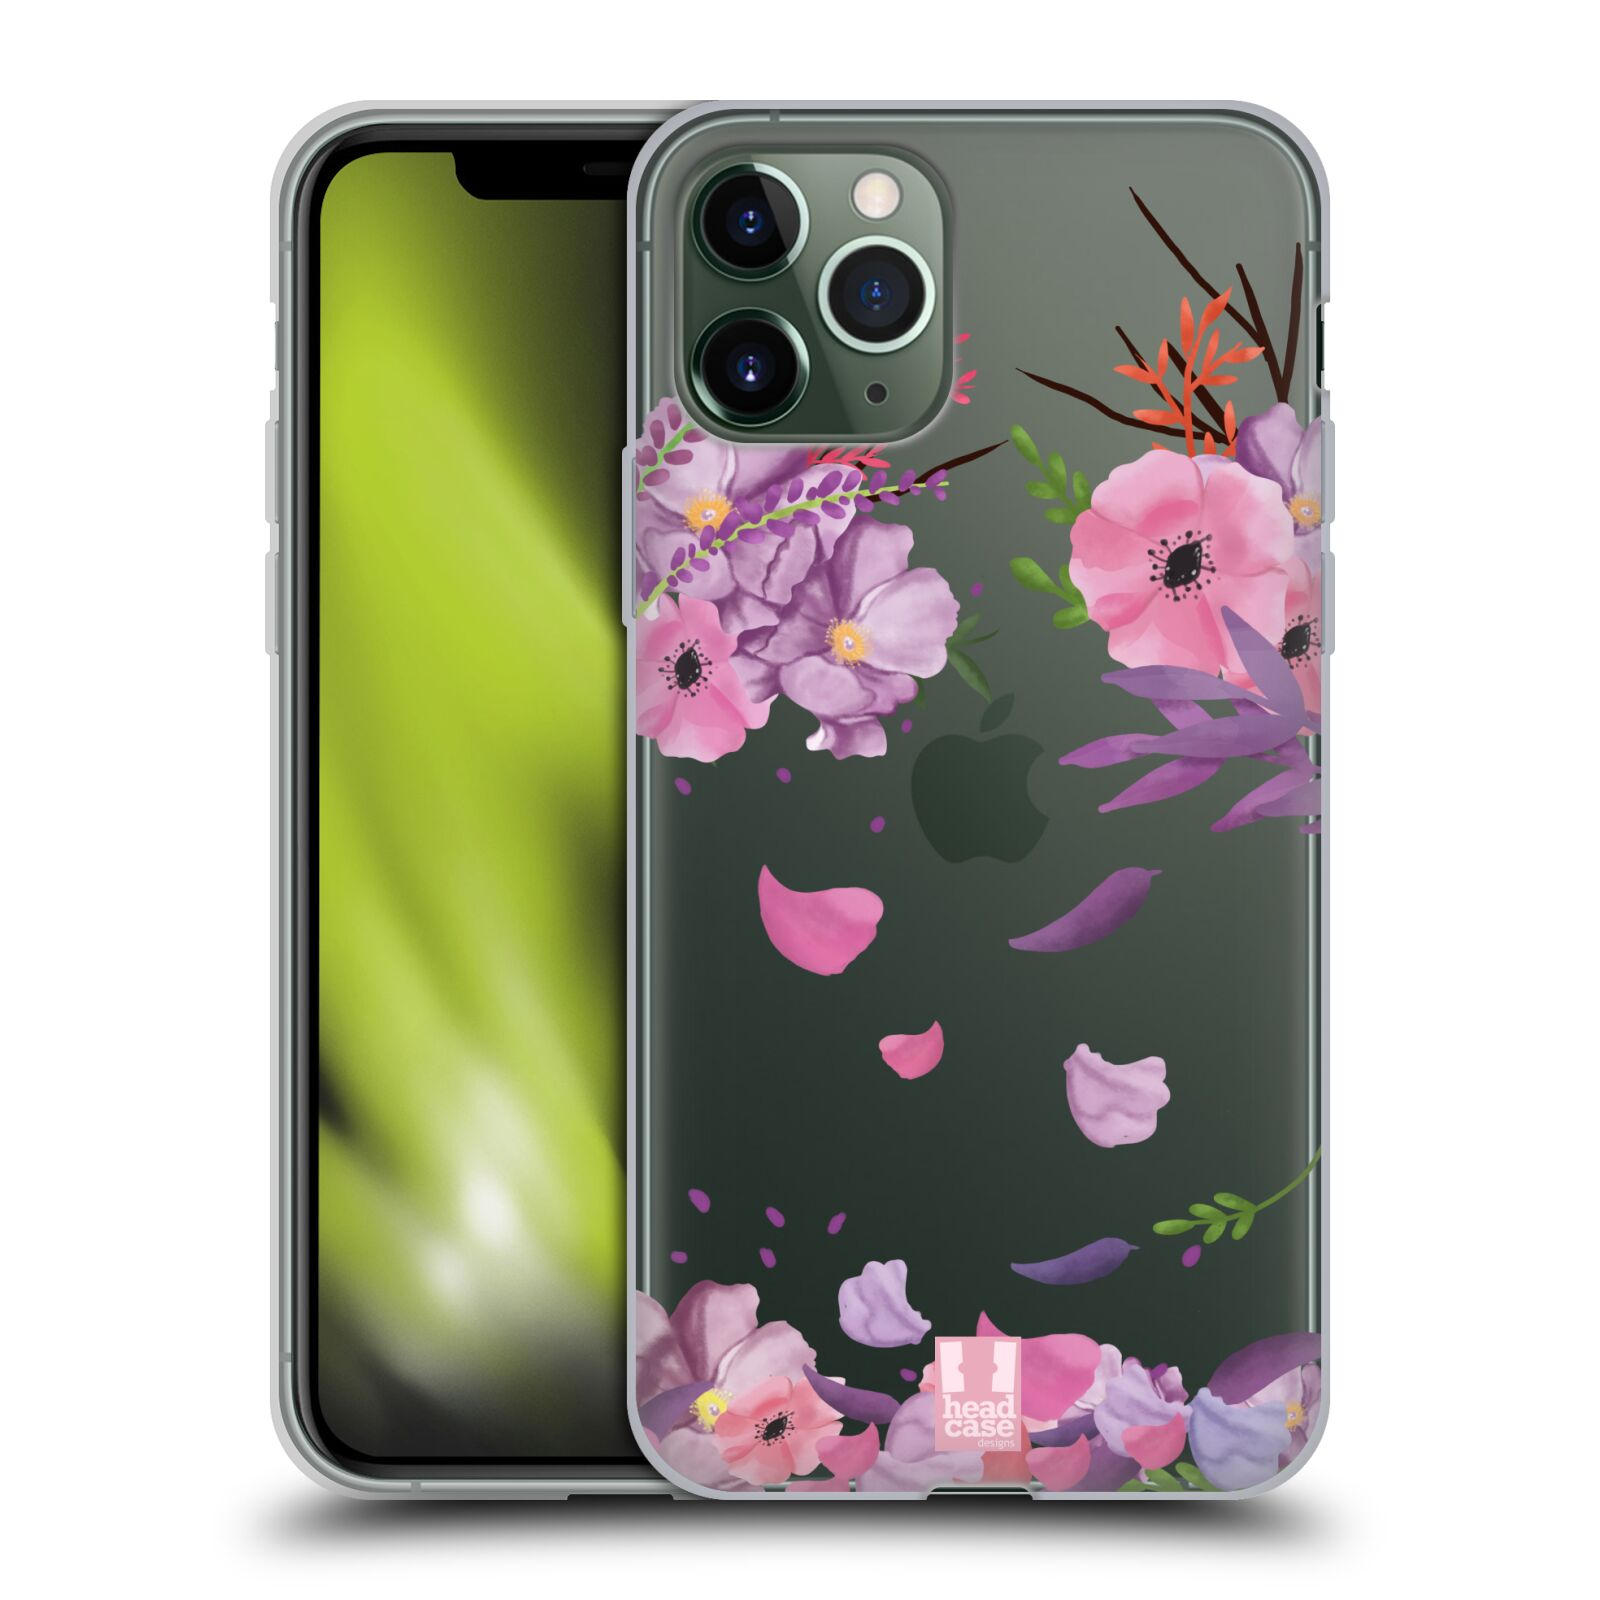 kryt iphone x karl lagerfeld , Silikonové pouzdro na mobil Apple iPhone 11 Pro - Head Case - Okvětní lístky